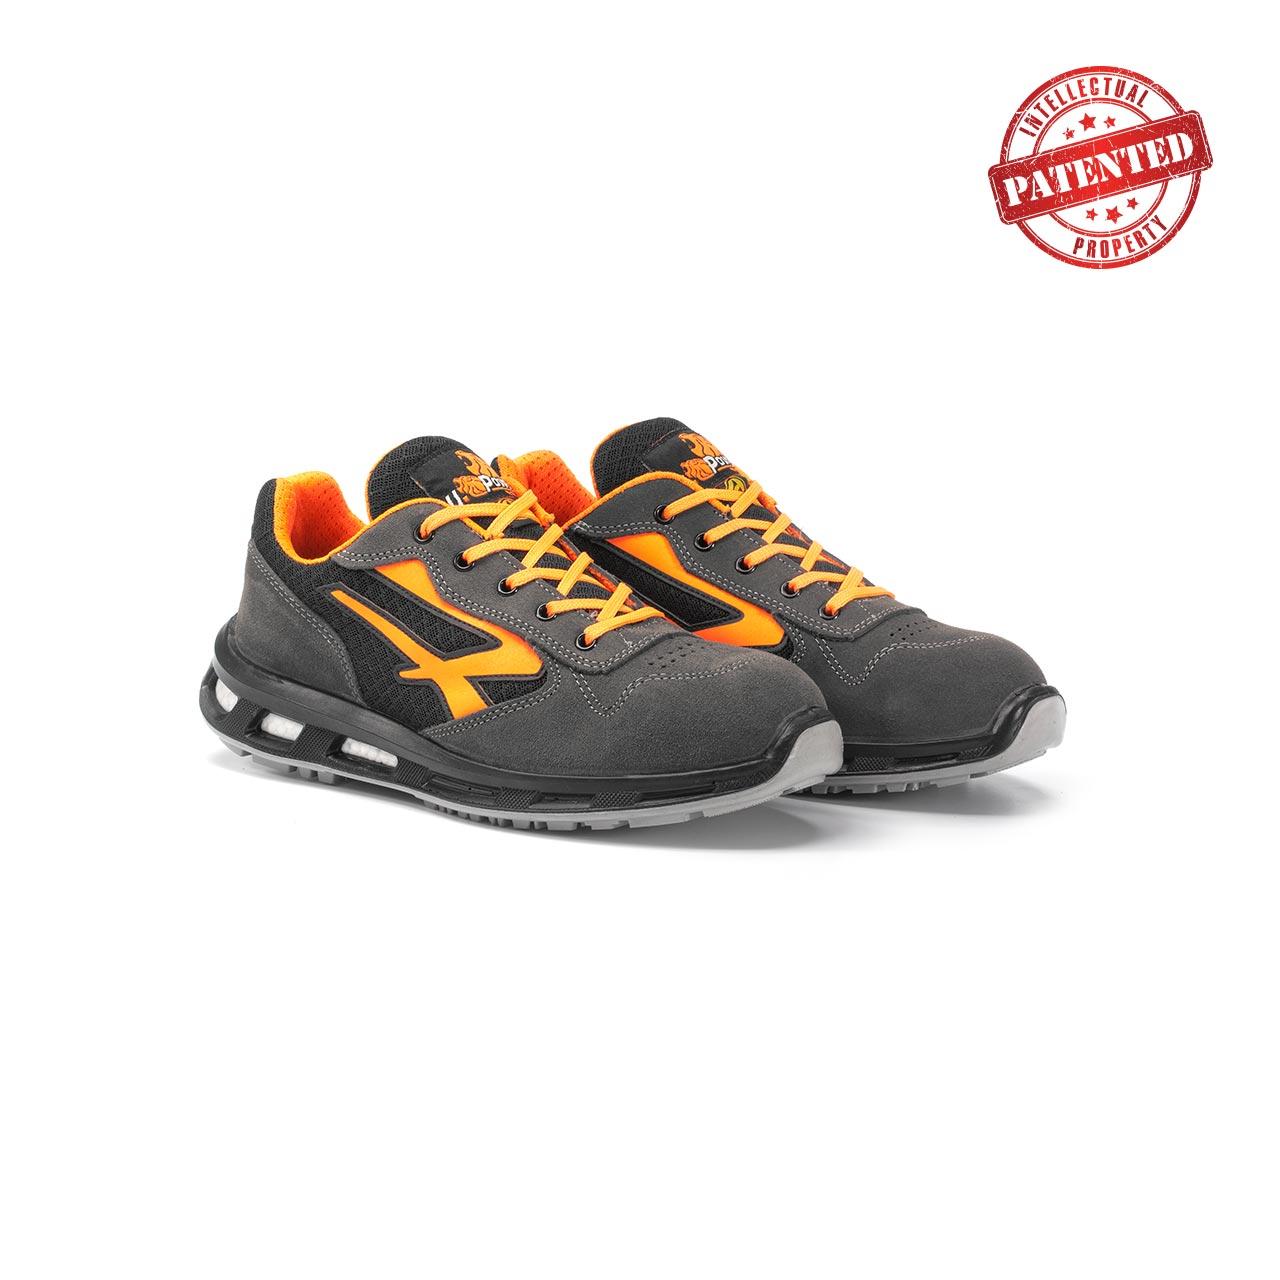 paio di scarpe antinfortunistiche upower modello orange linea redlion vista prospettica